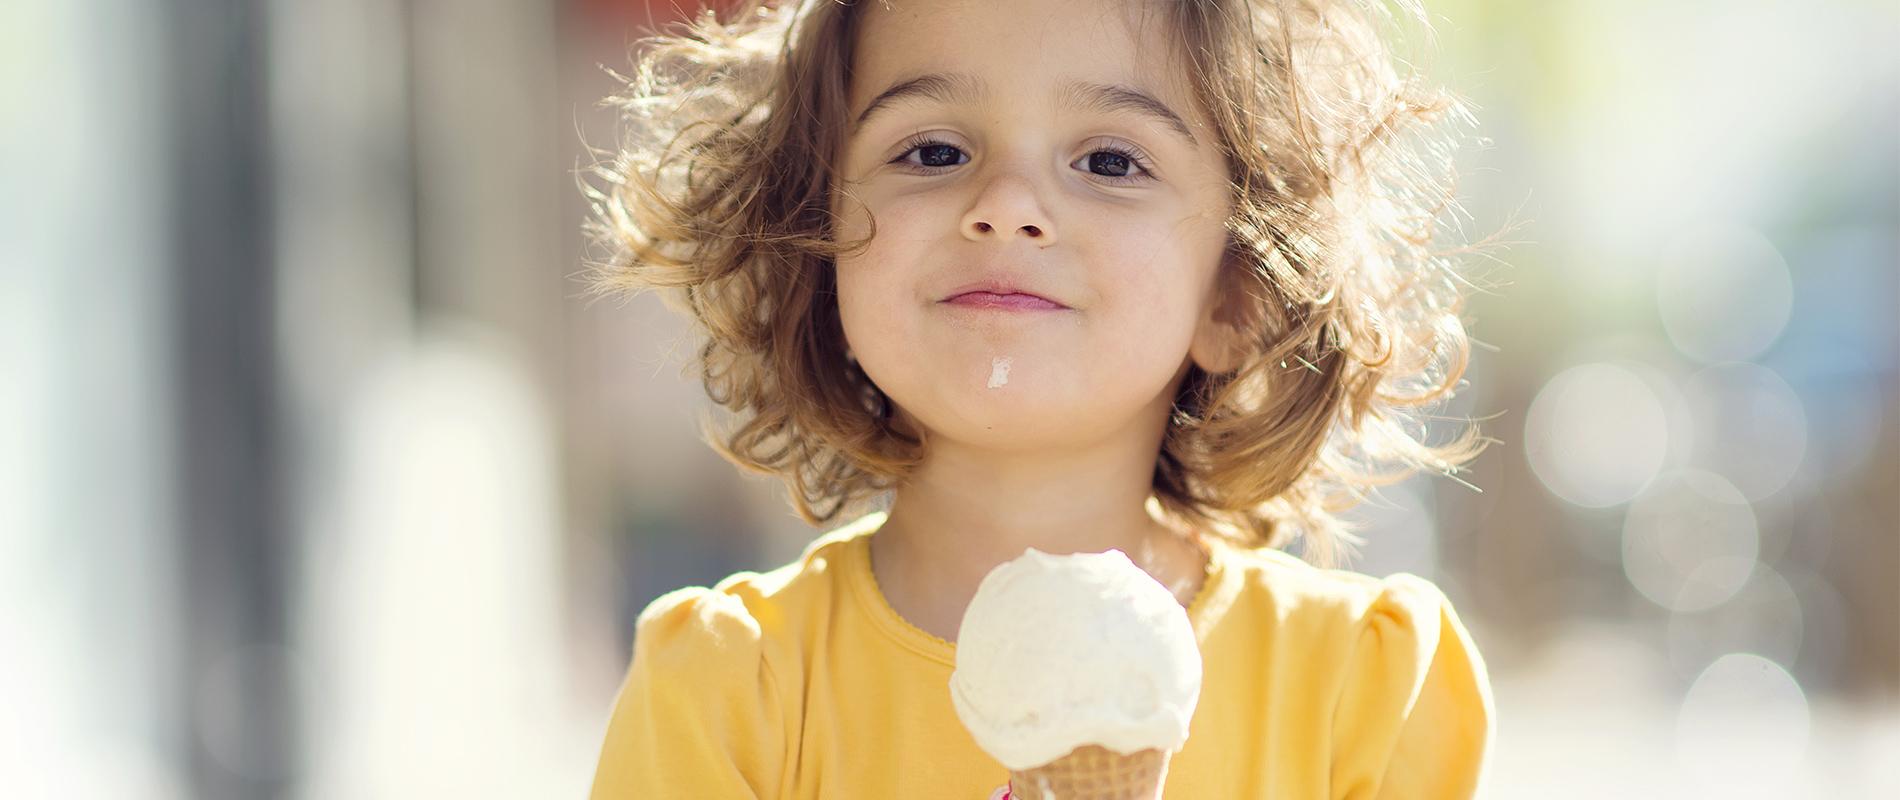 Con un gelato regali un sorriso